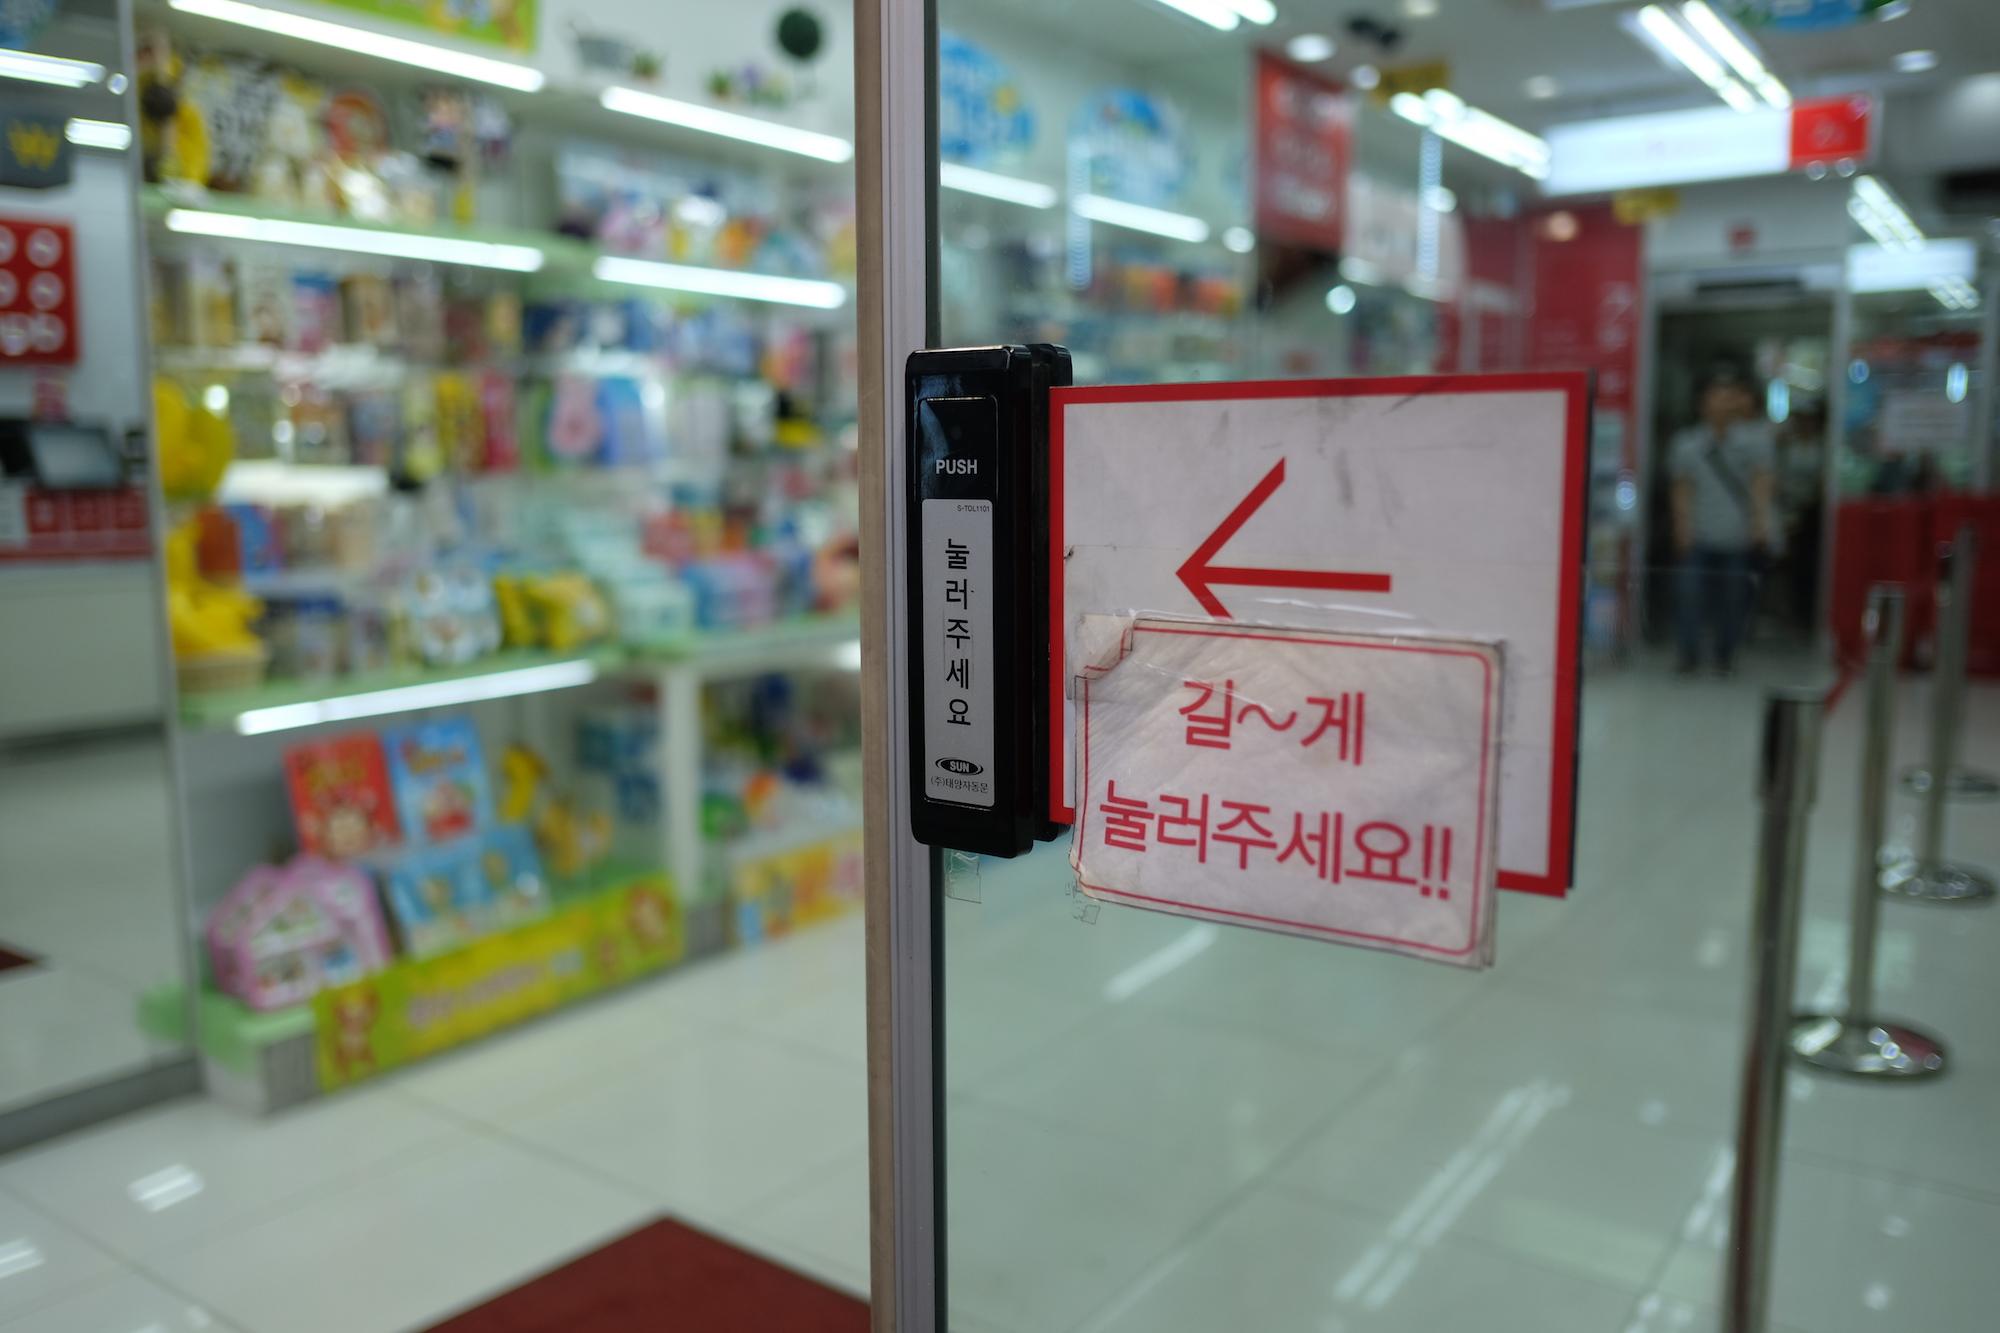 Coreeseoul00096